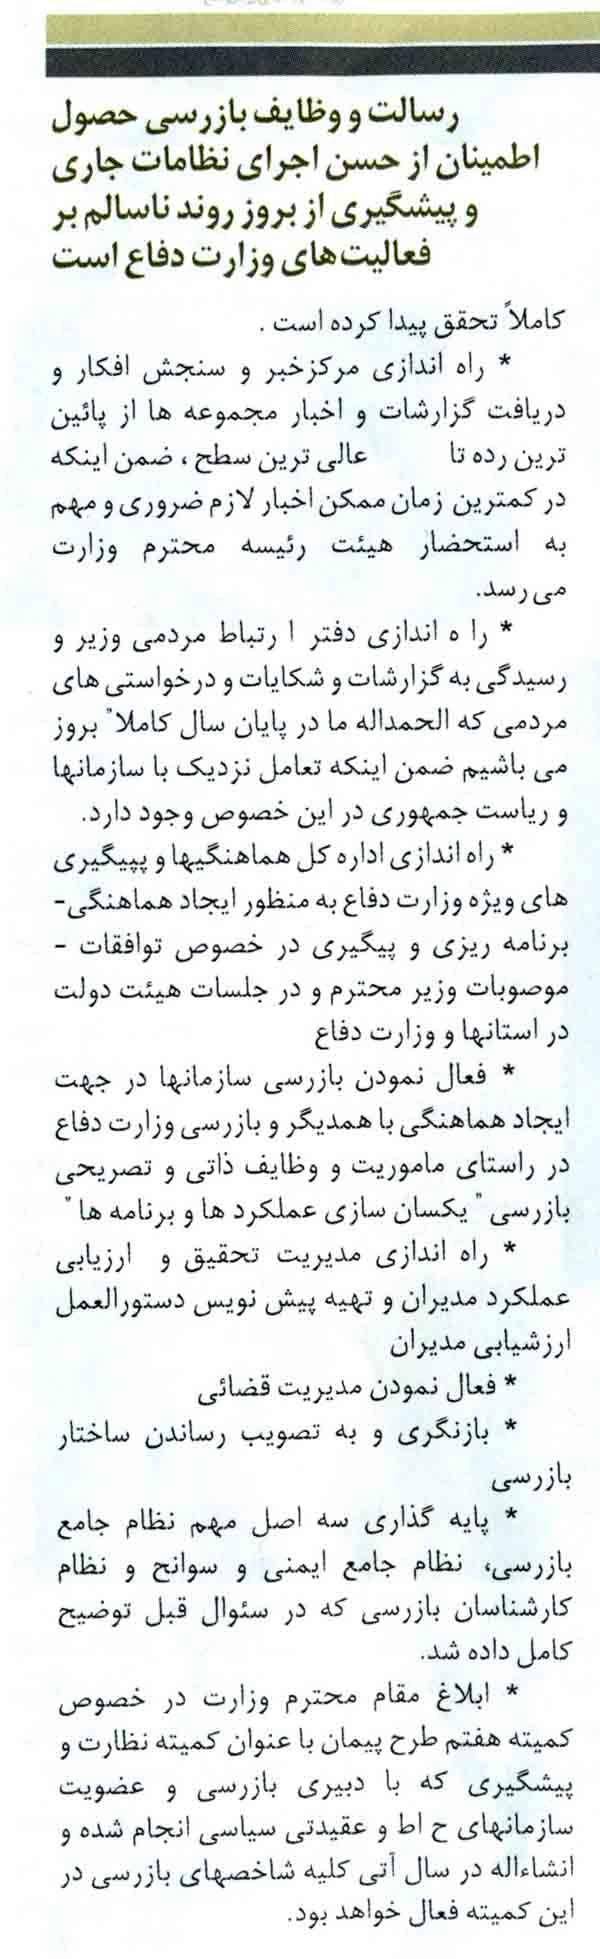 مصاحبه اختصاصی نمایه دفاع با سردار جواد درویش وند- 12